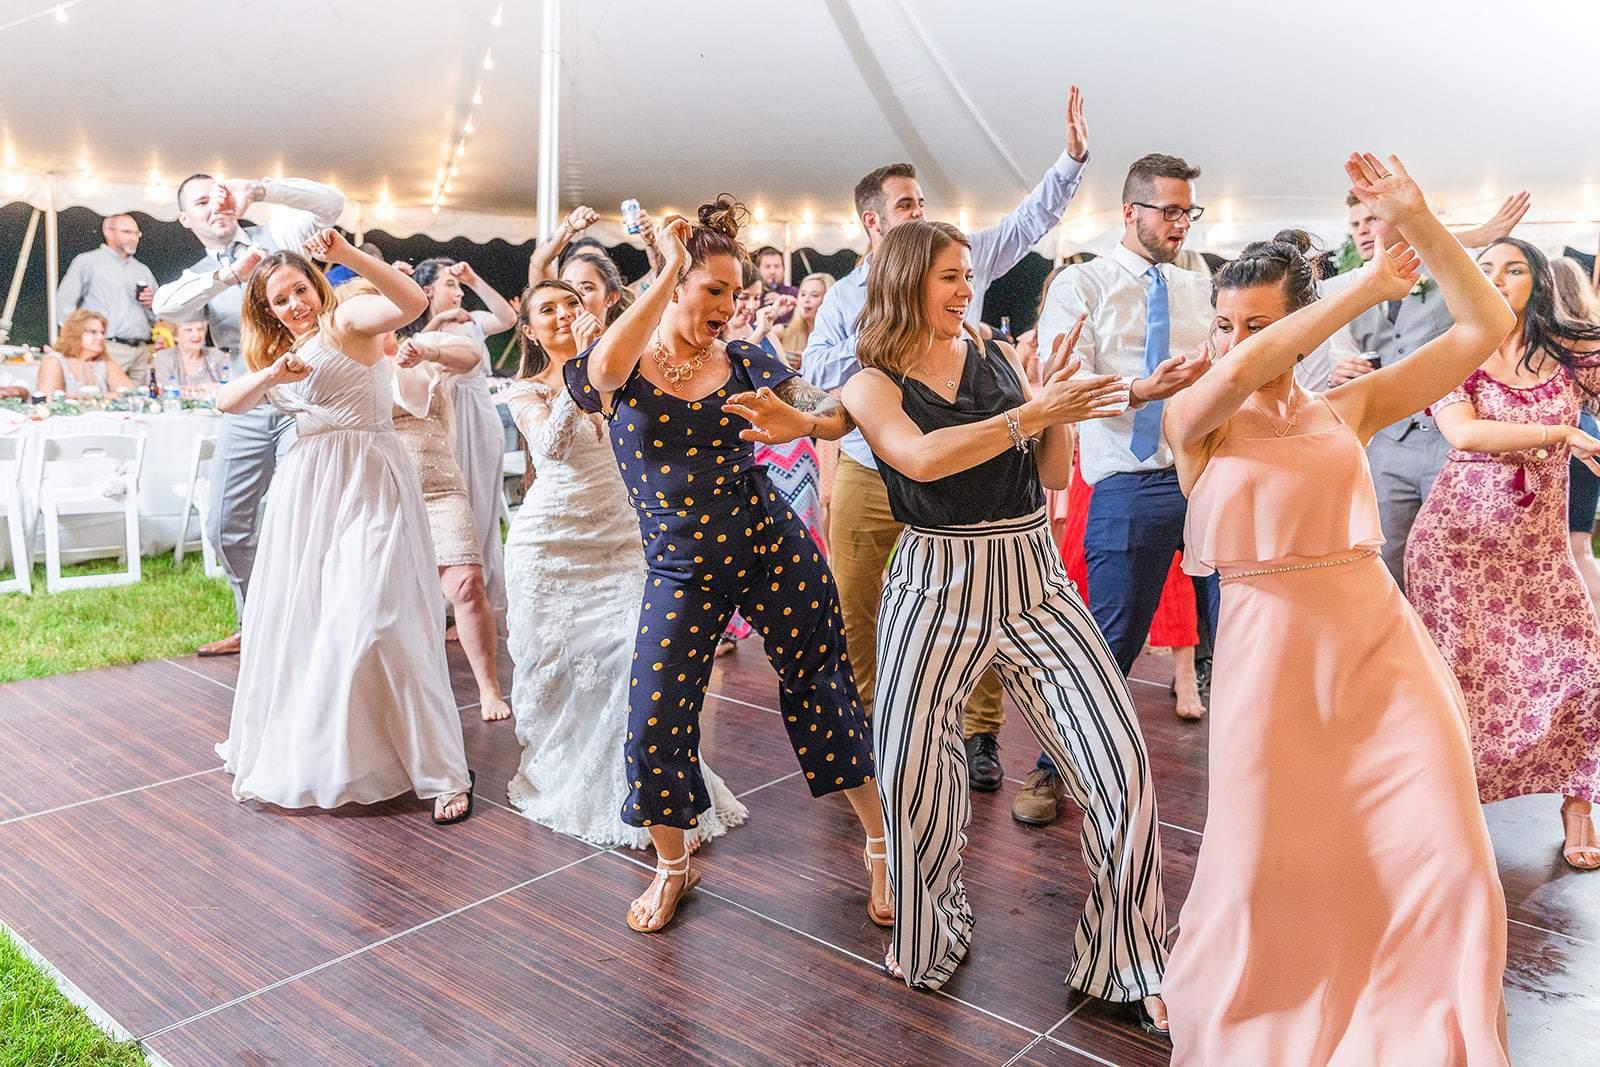 Full Dance Floor At Outdoor Tent Wedding Reception